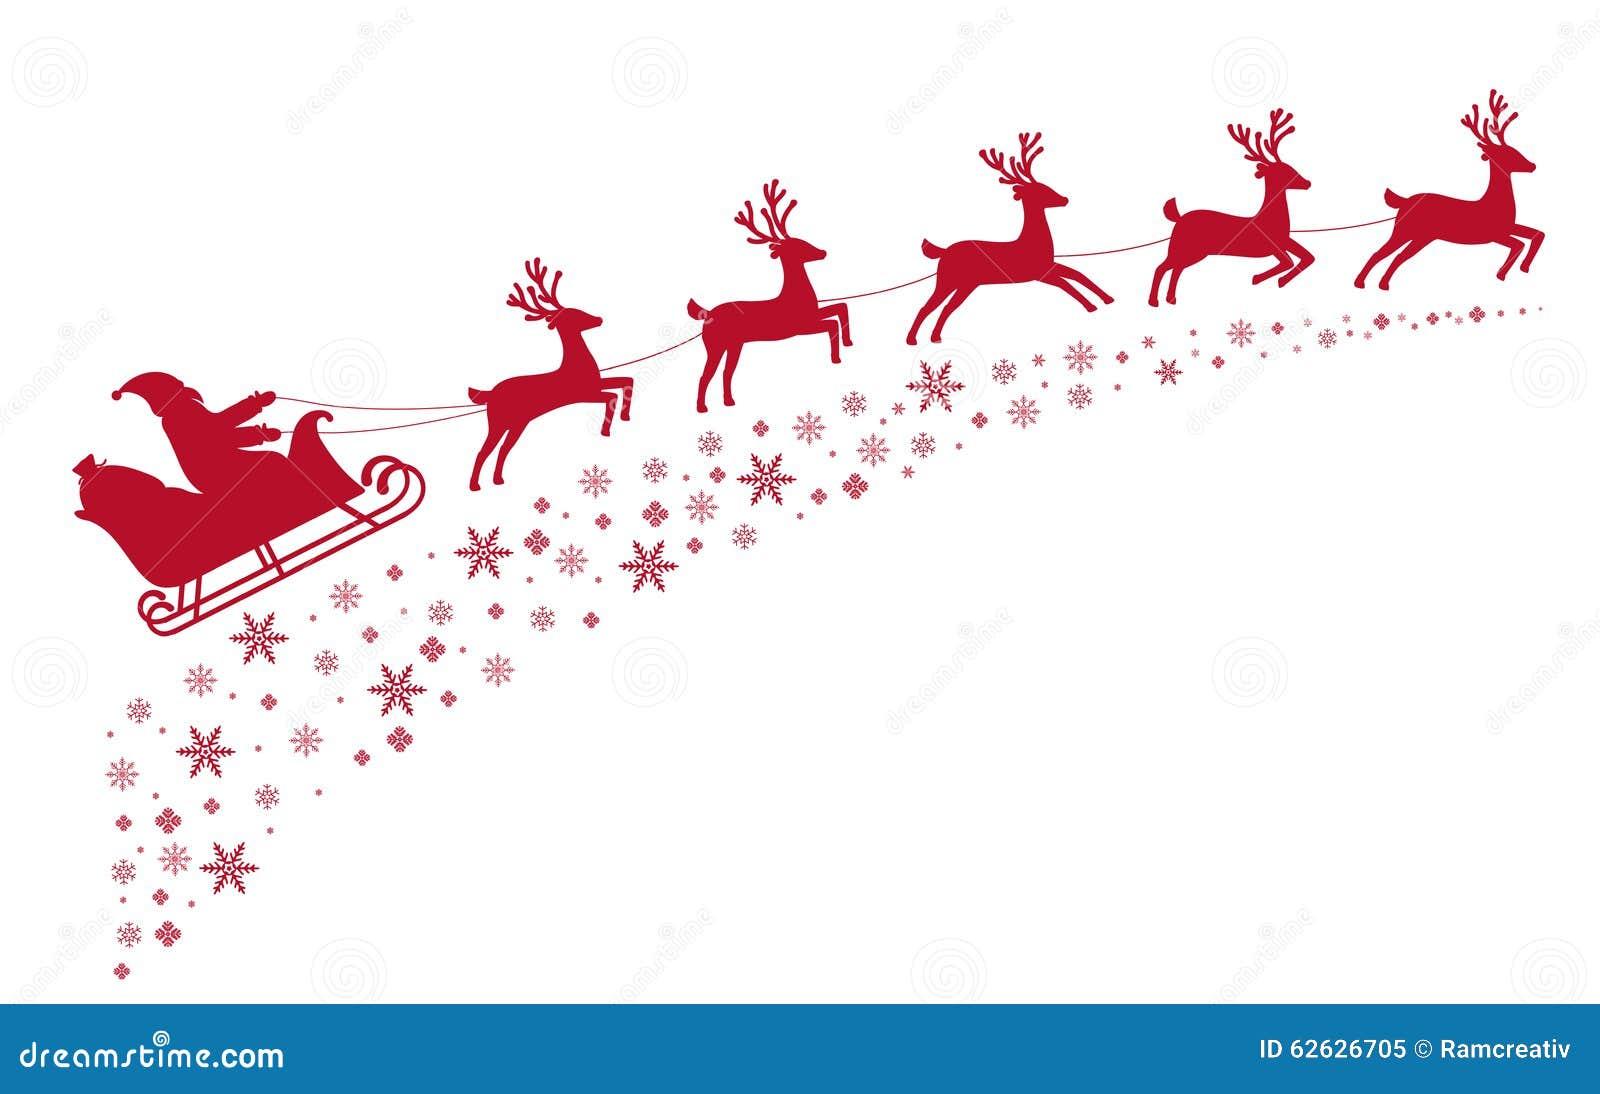 Flyg för jultomtensläderen på bakgrund av snö-täckte stjärnor